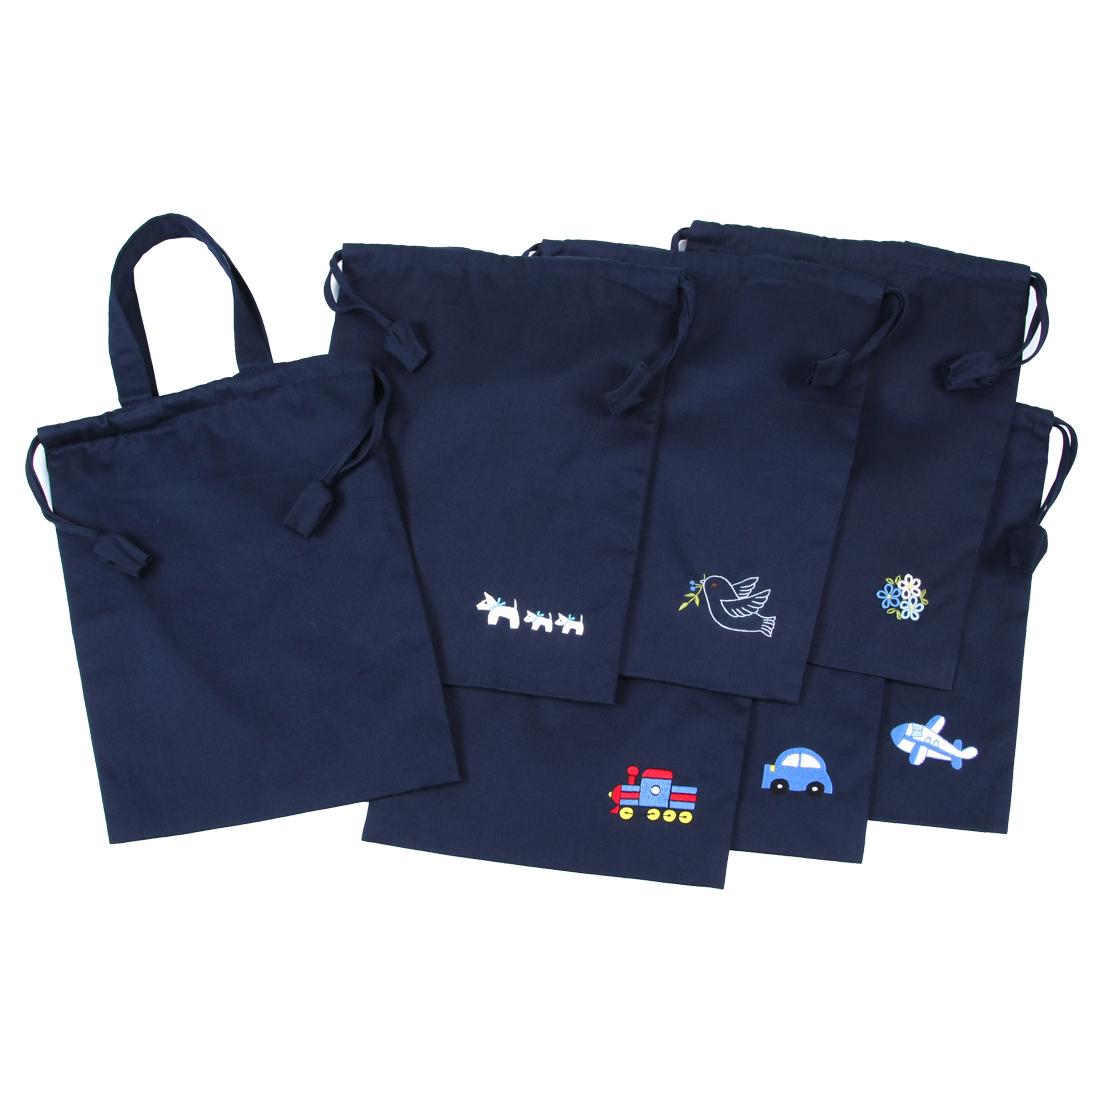 無地と柄が選べる巾着バッグ&お着替え入れ 手刺繍 ハンドメイド 濃紺無地布製 日本製